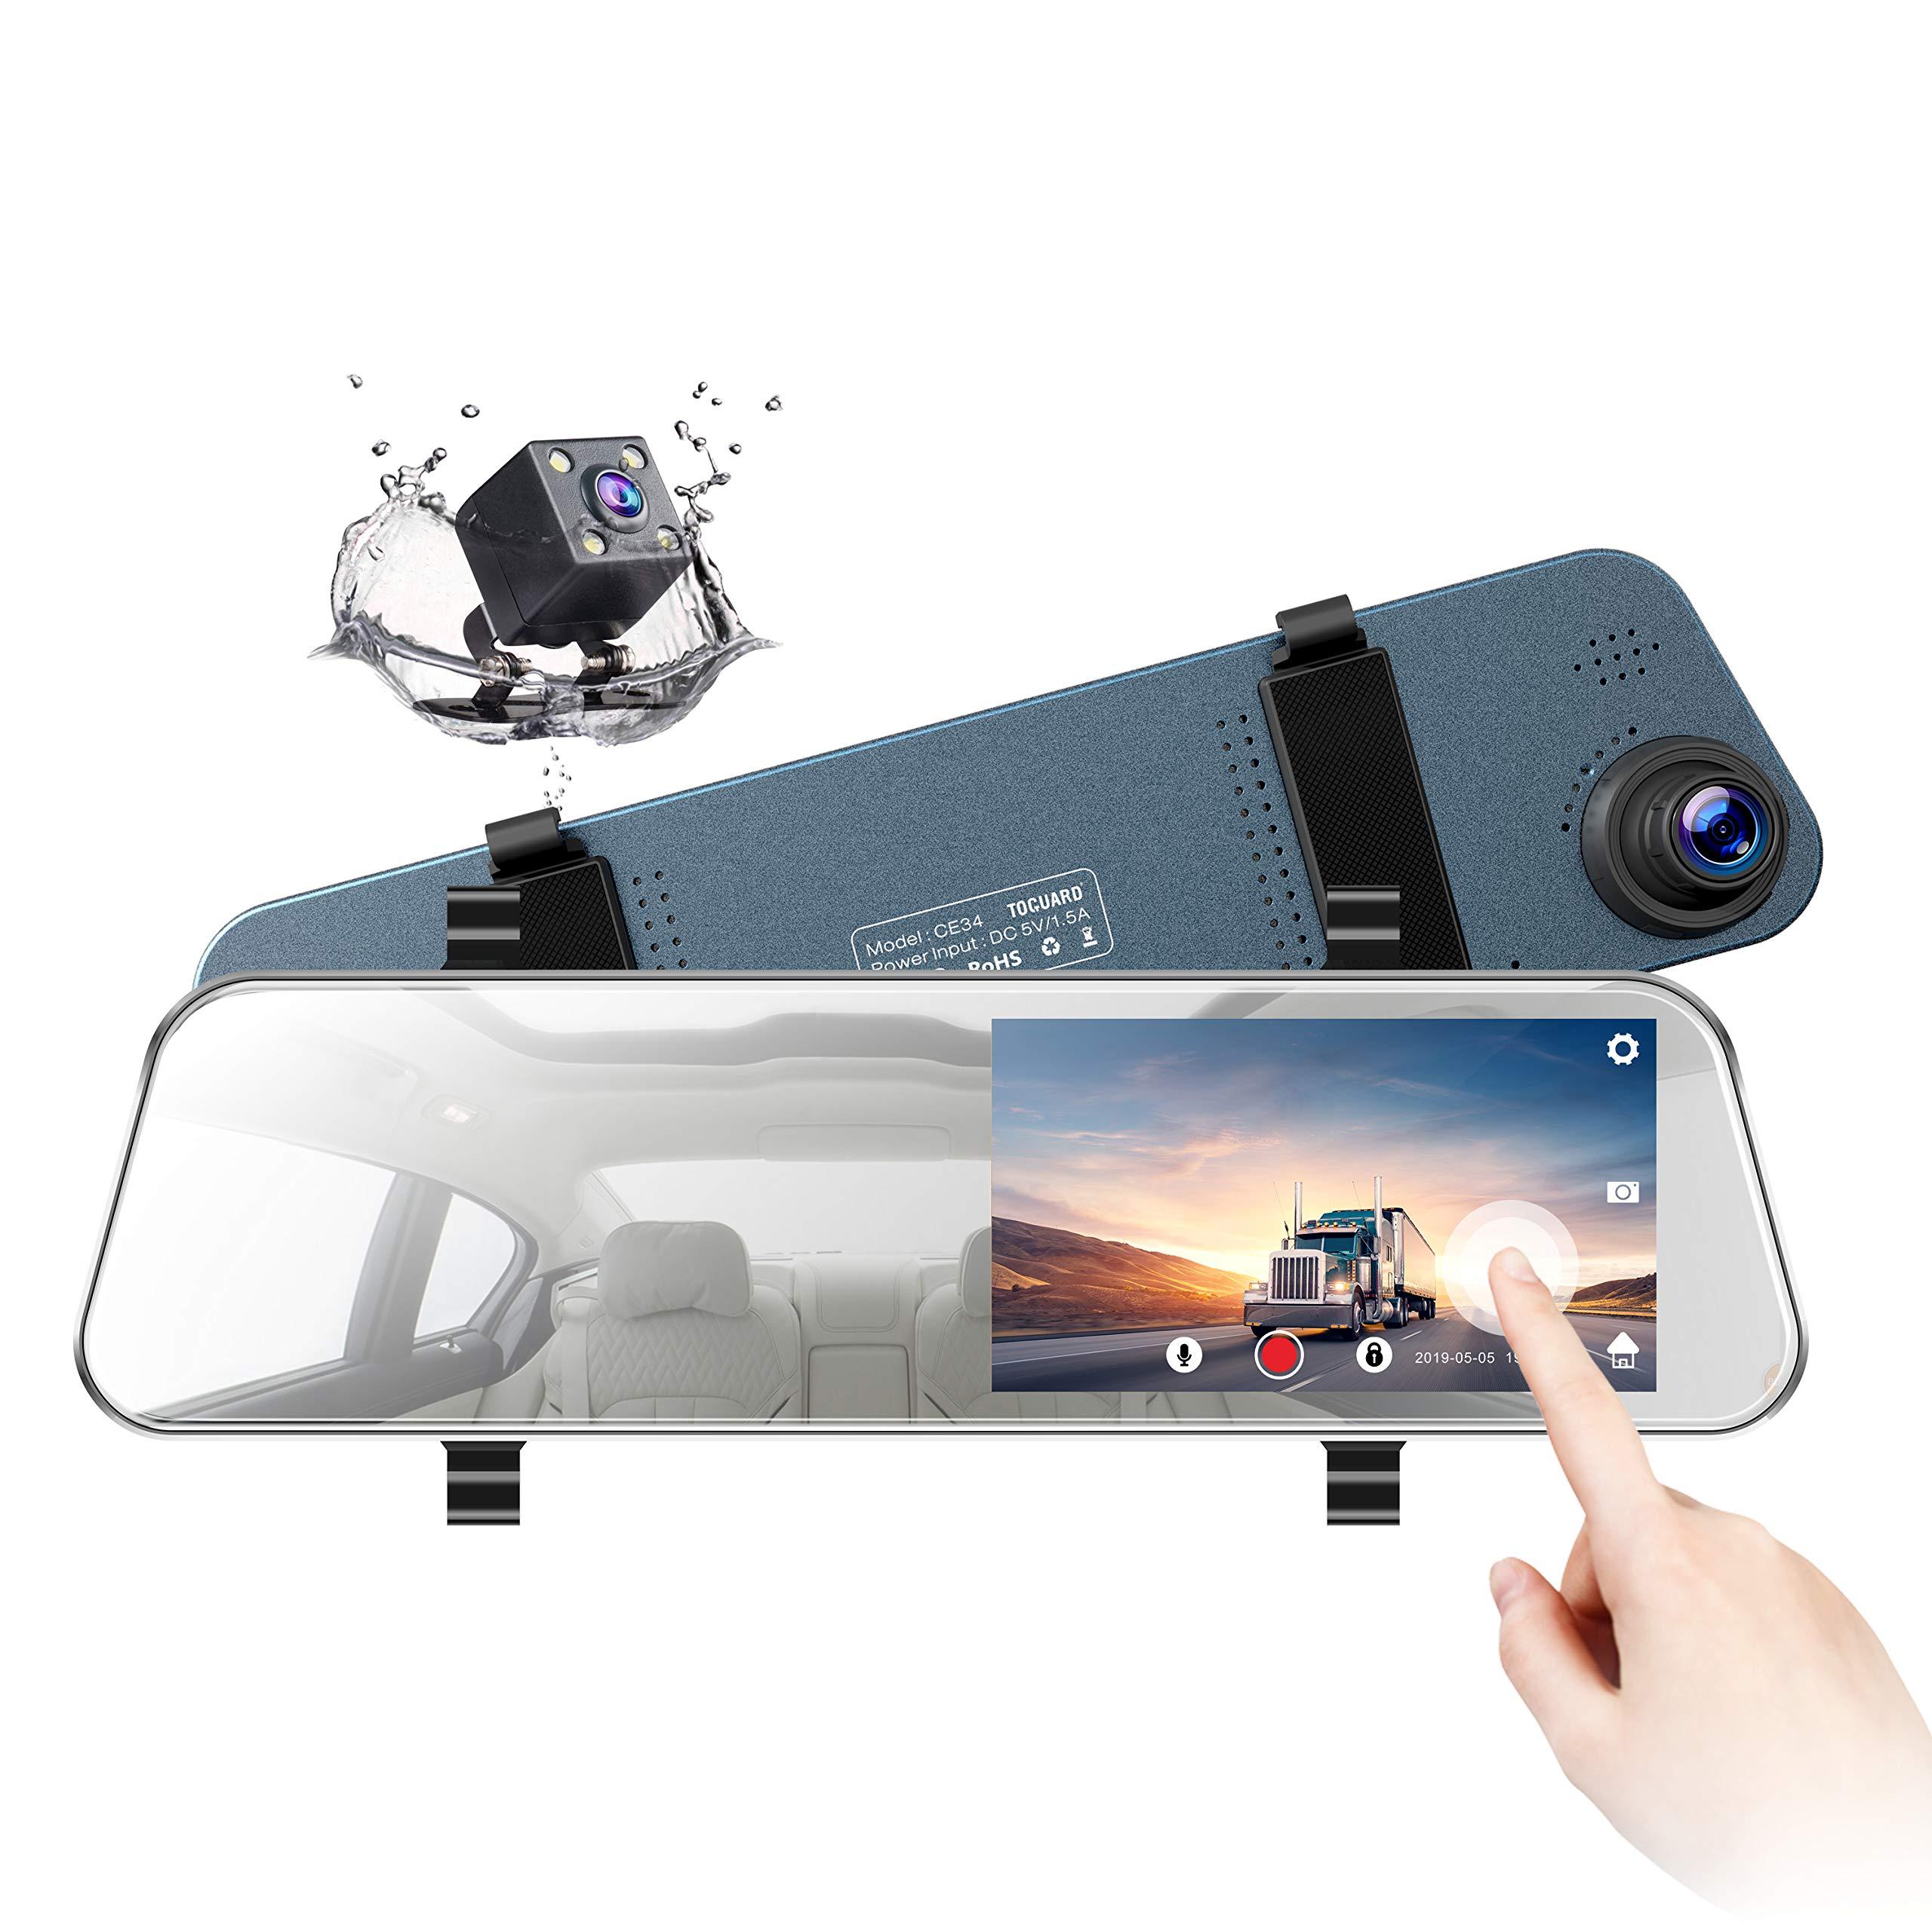 TOGUARD Backup Camera Ultra Thin Waterproof